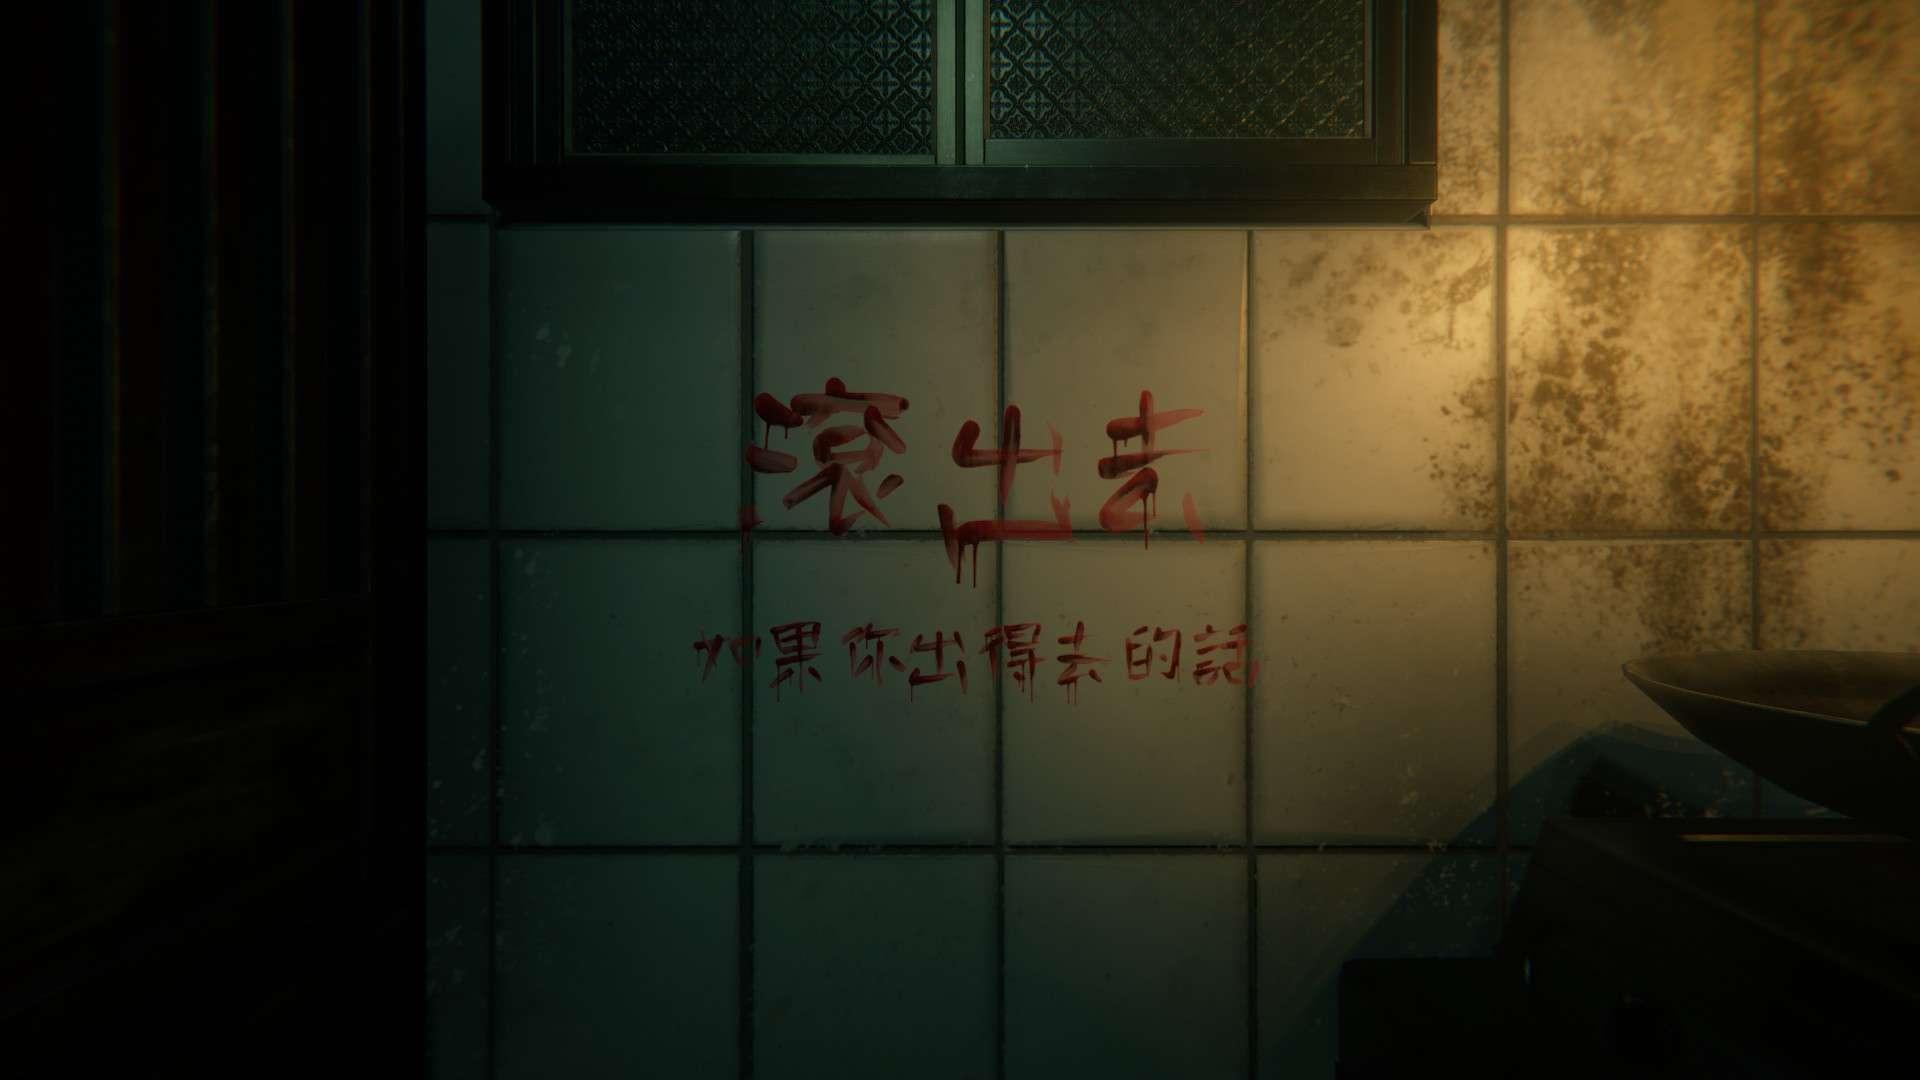 三魂VR_The Spirits Within VR_電影海報